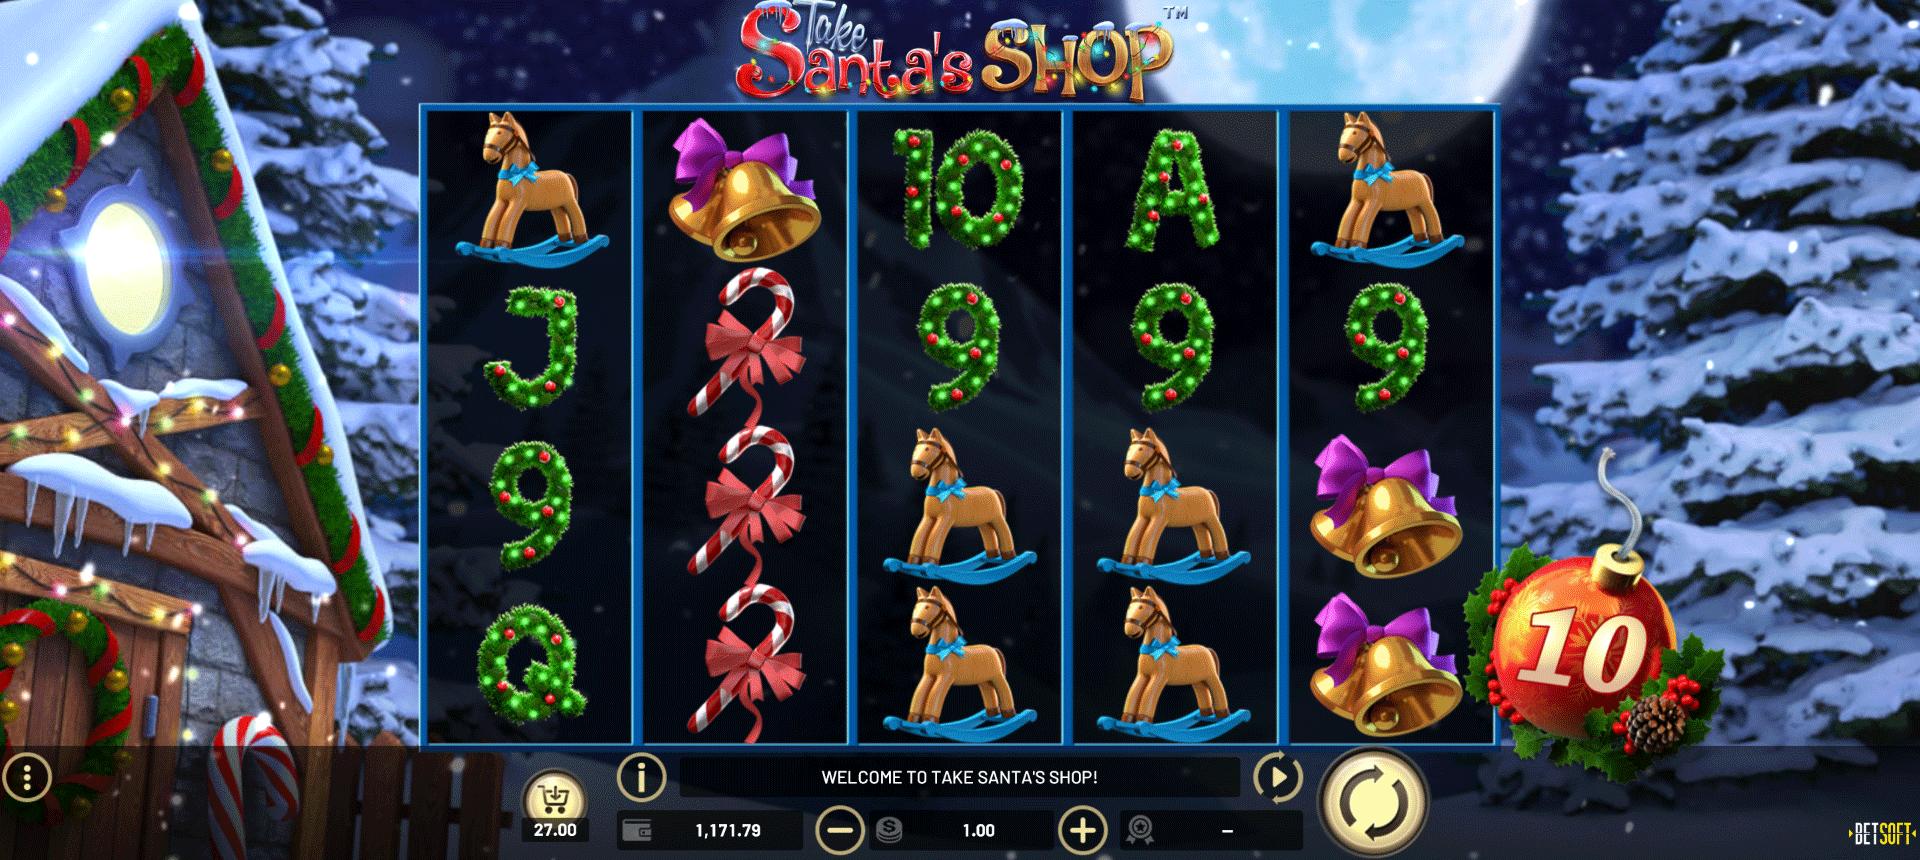 Slot Take Santa's Shop